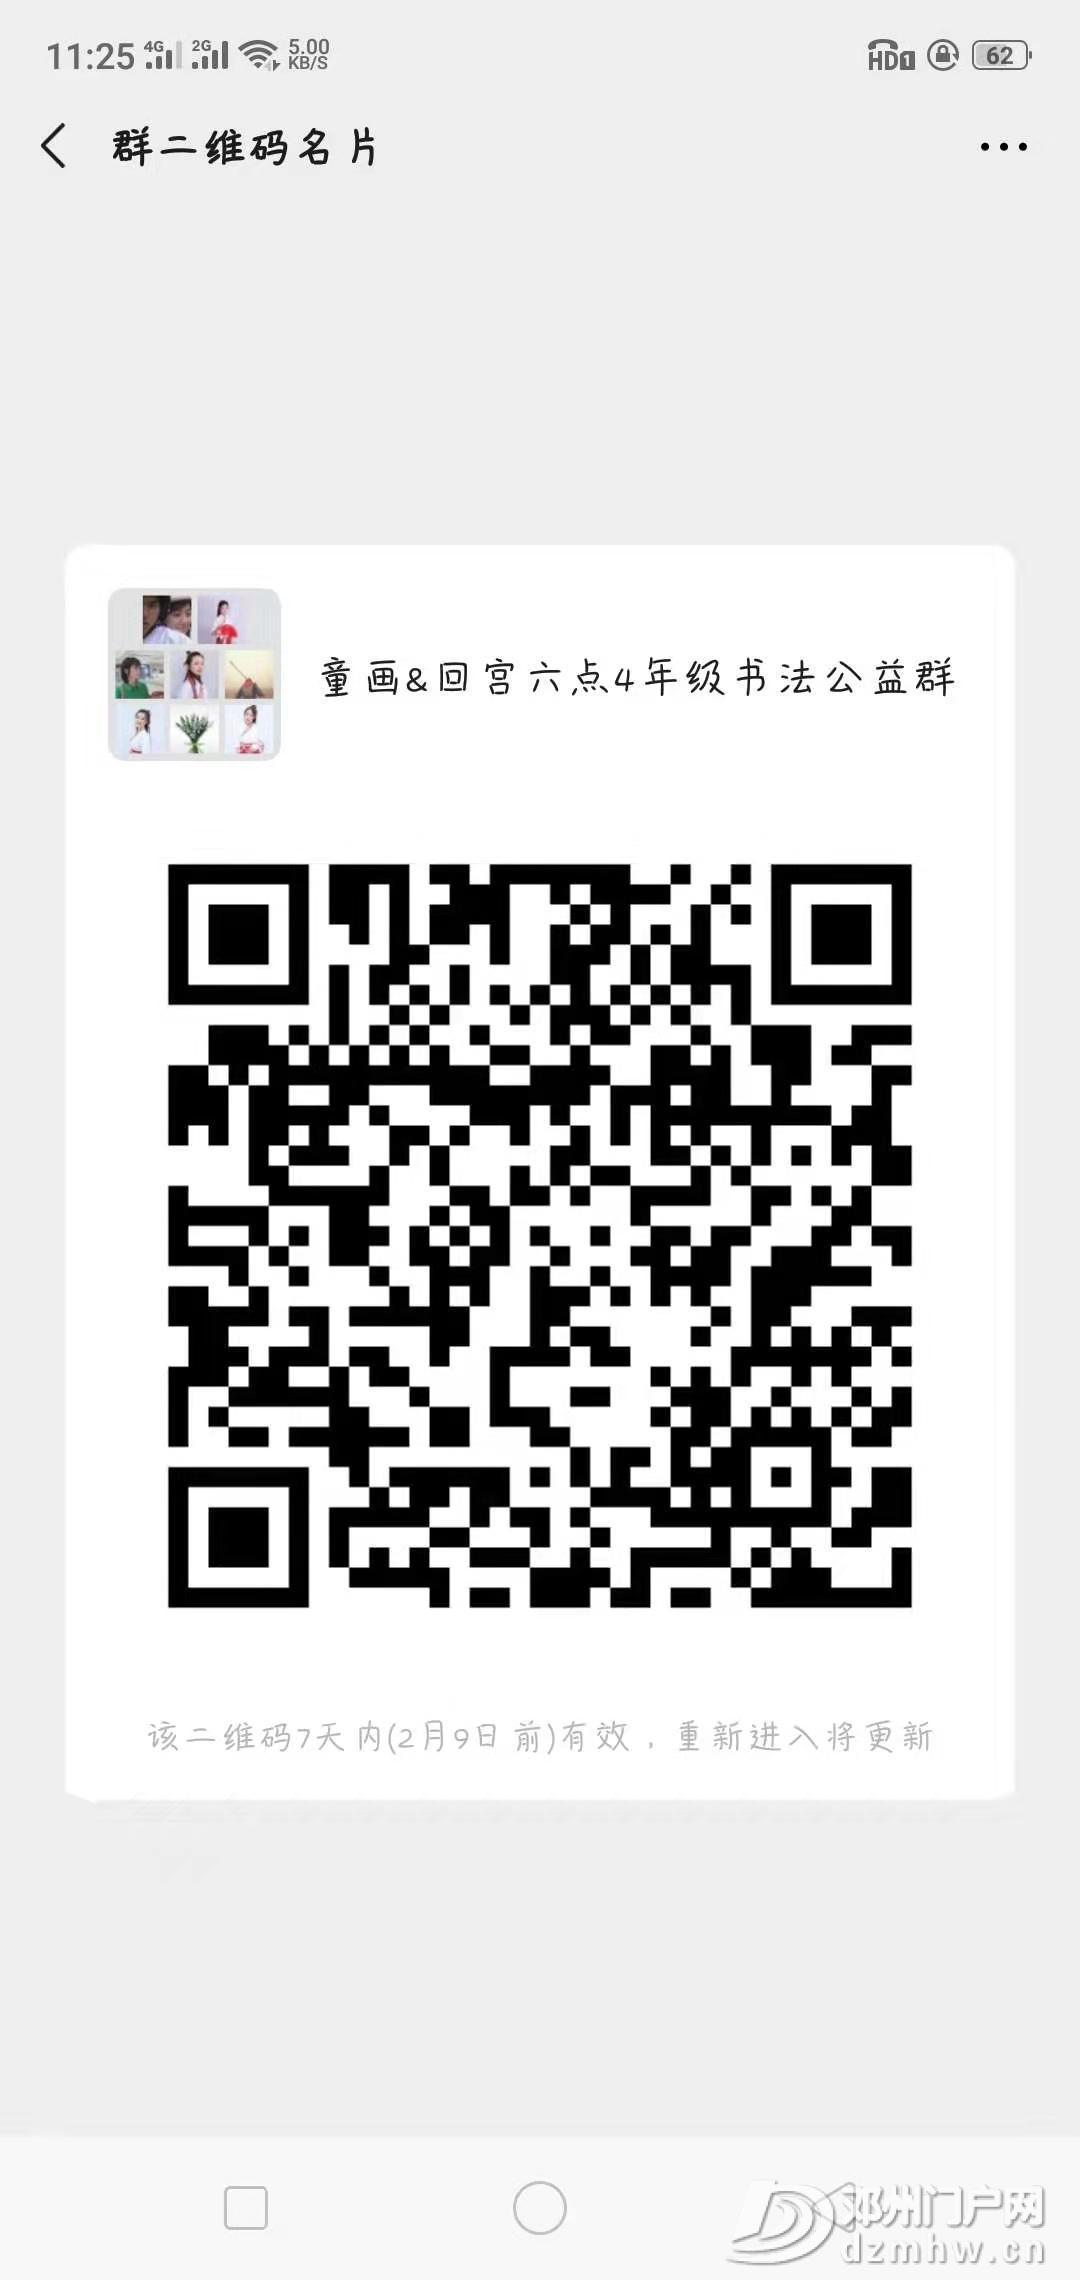 童画线上公益活动课 - 邓州门户网|邓州网 - 15.jpg